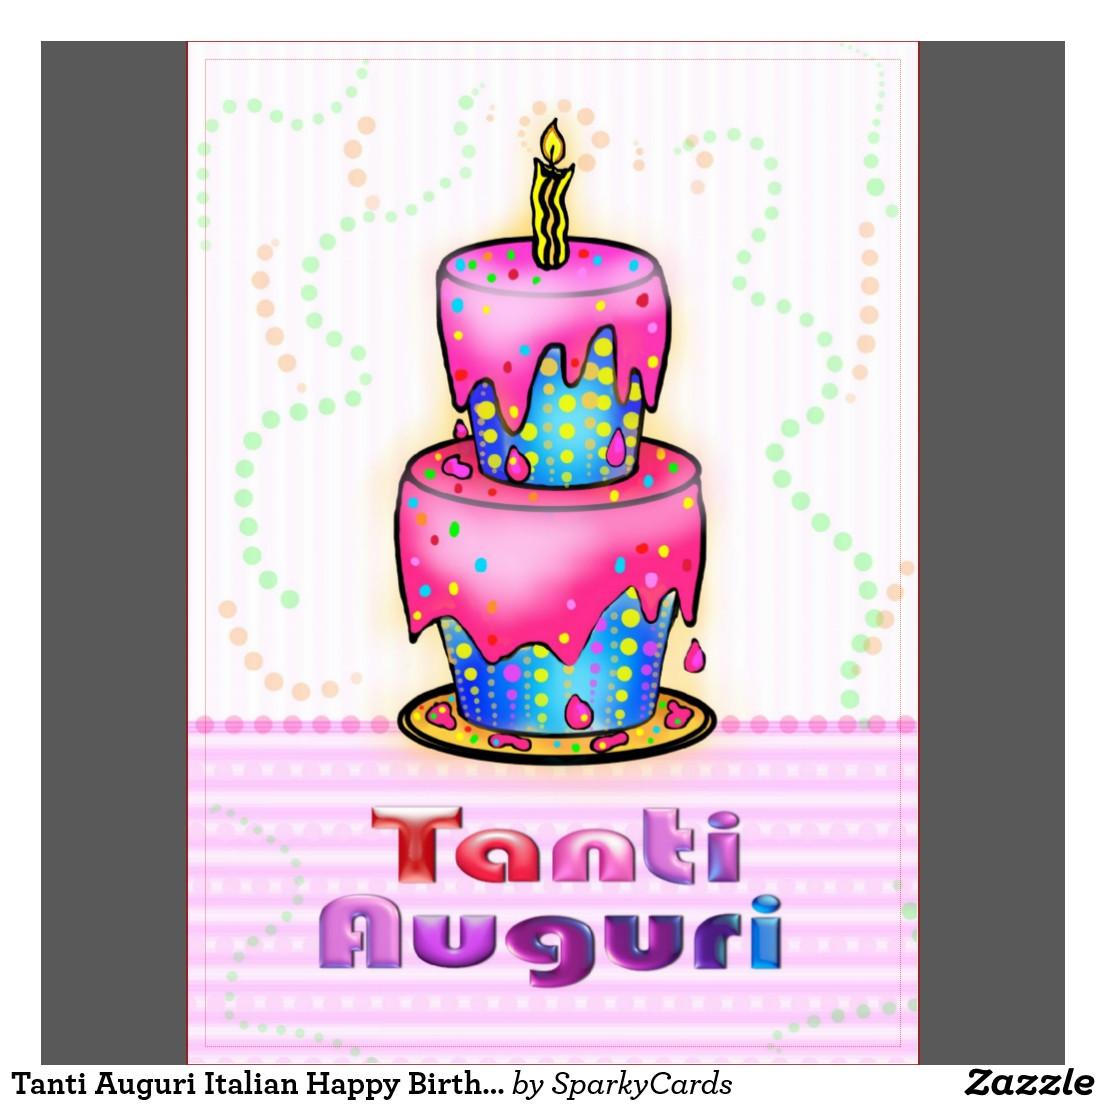 Italienische Geburtstagswünsche  Geburtstagssprüche 50 Italienisch